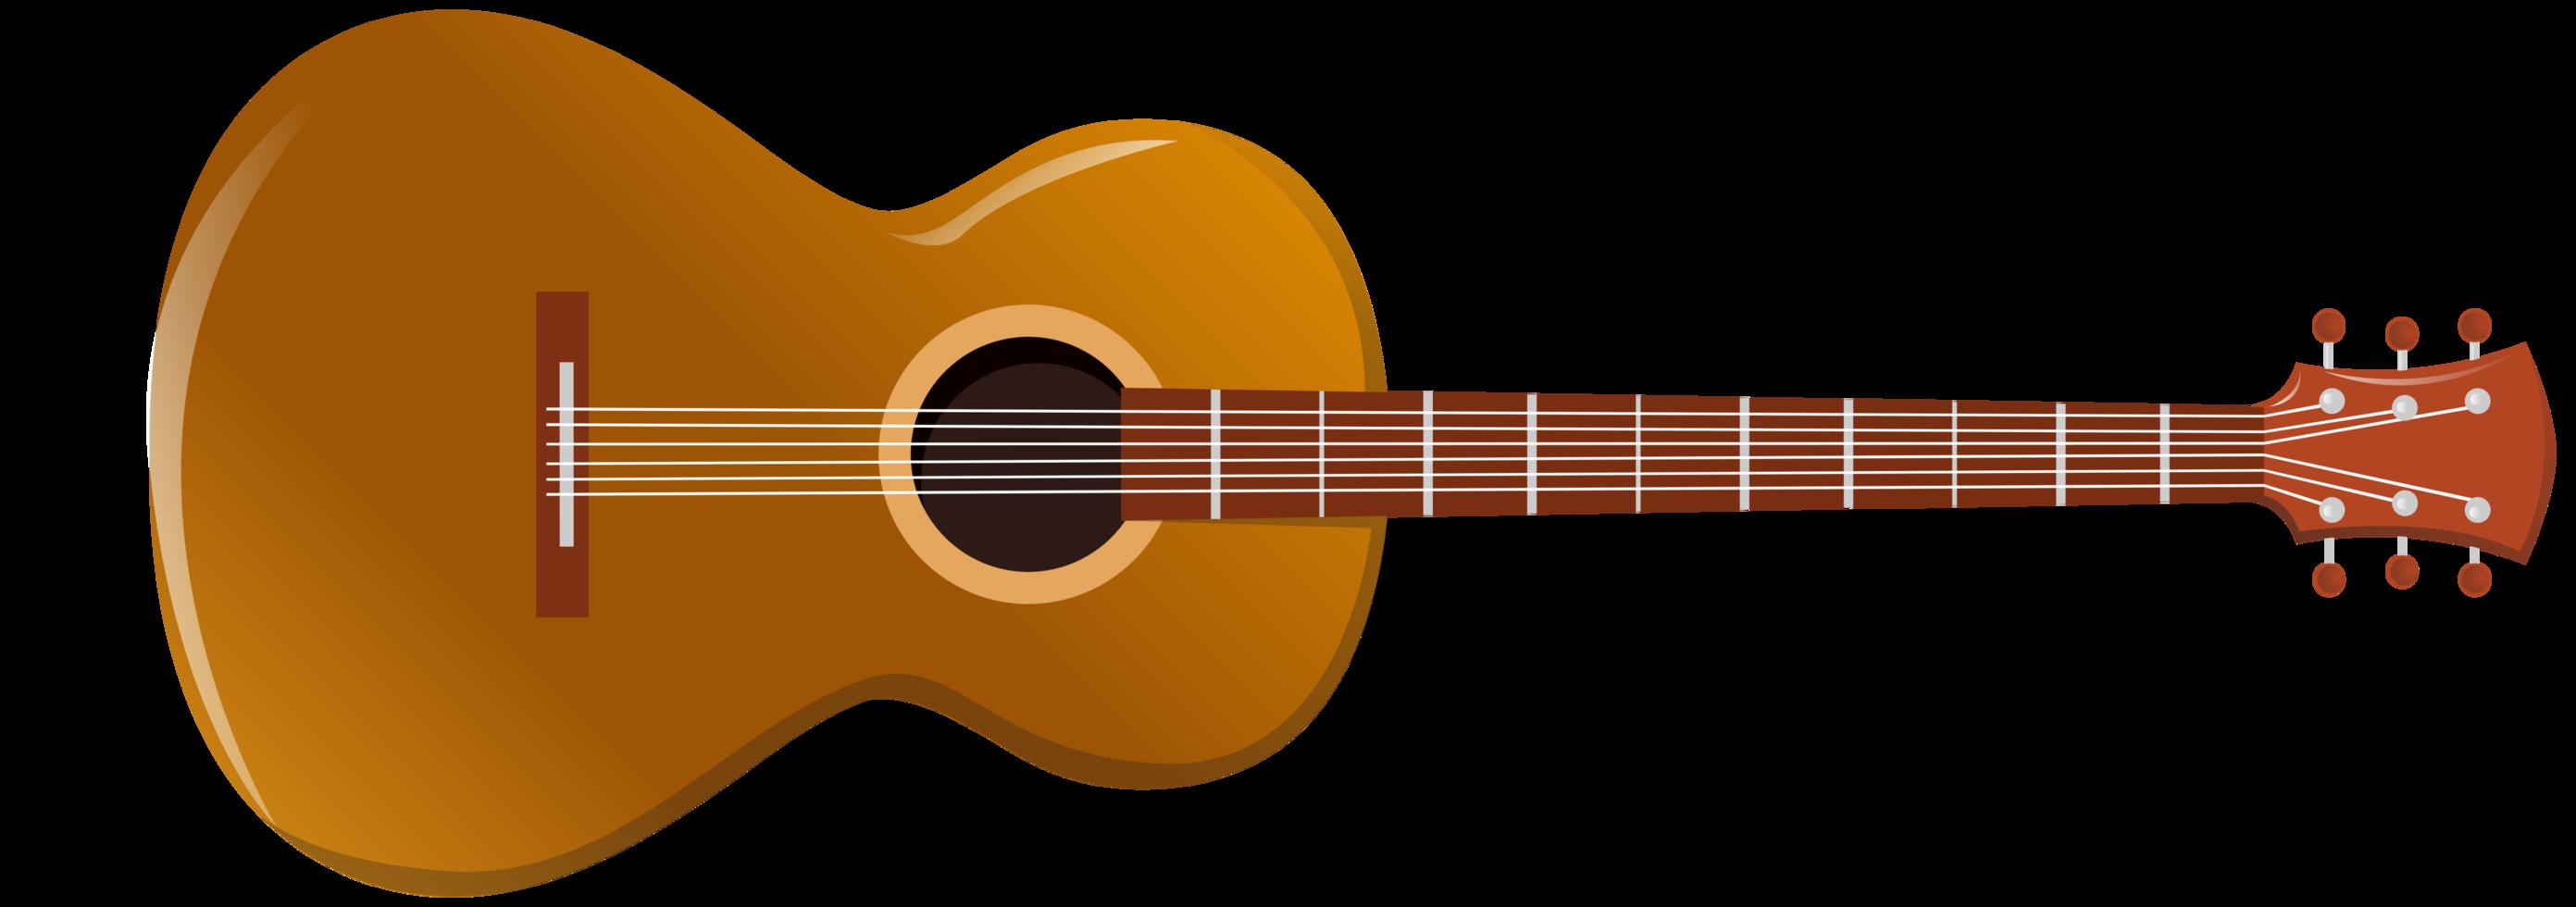 mariachi musikinstrument gitarr png